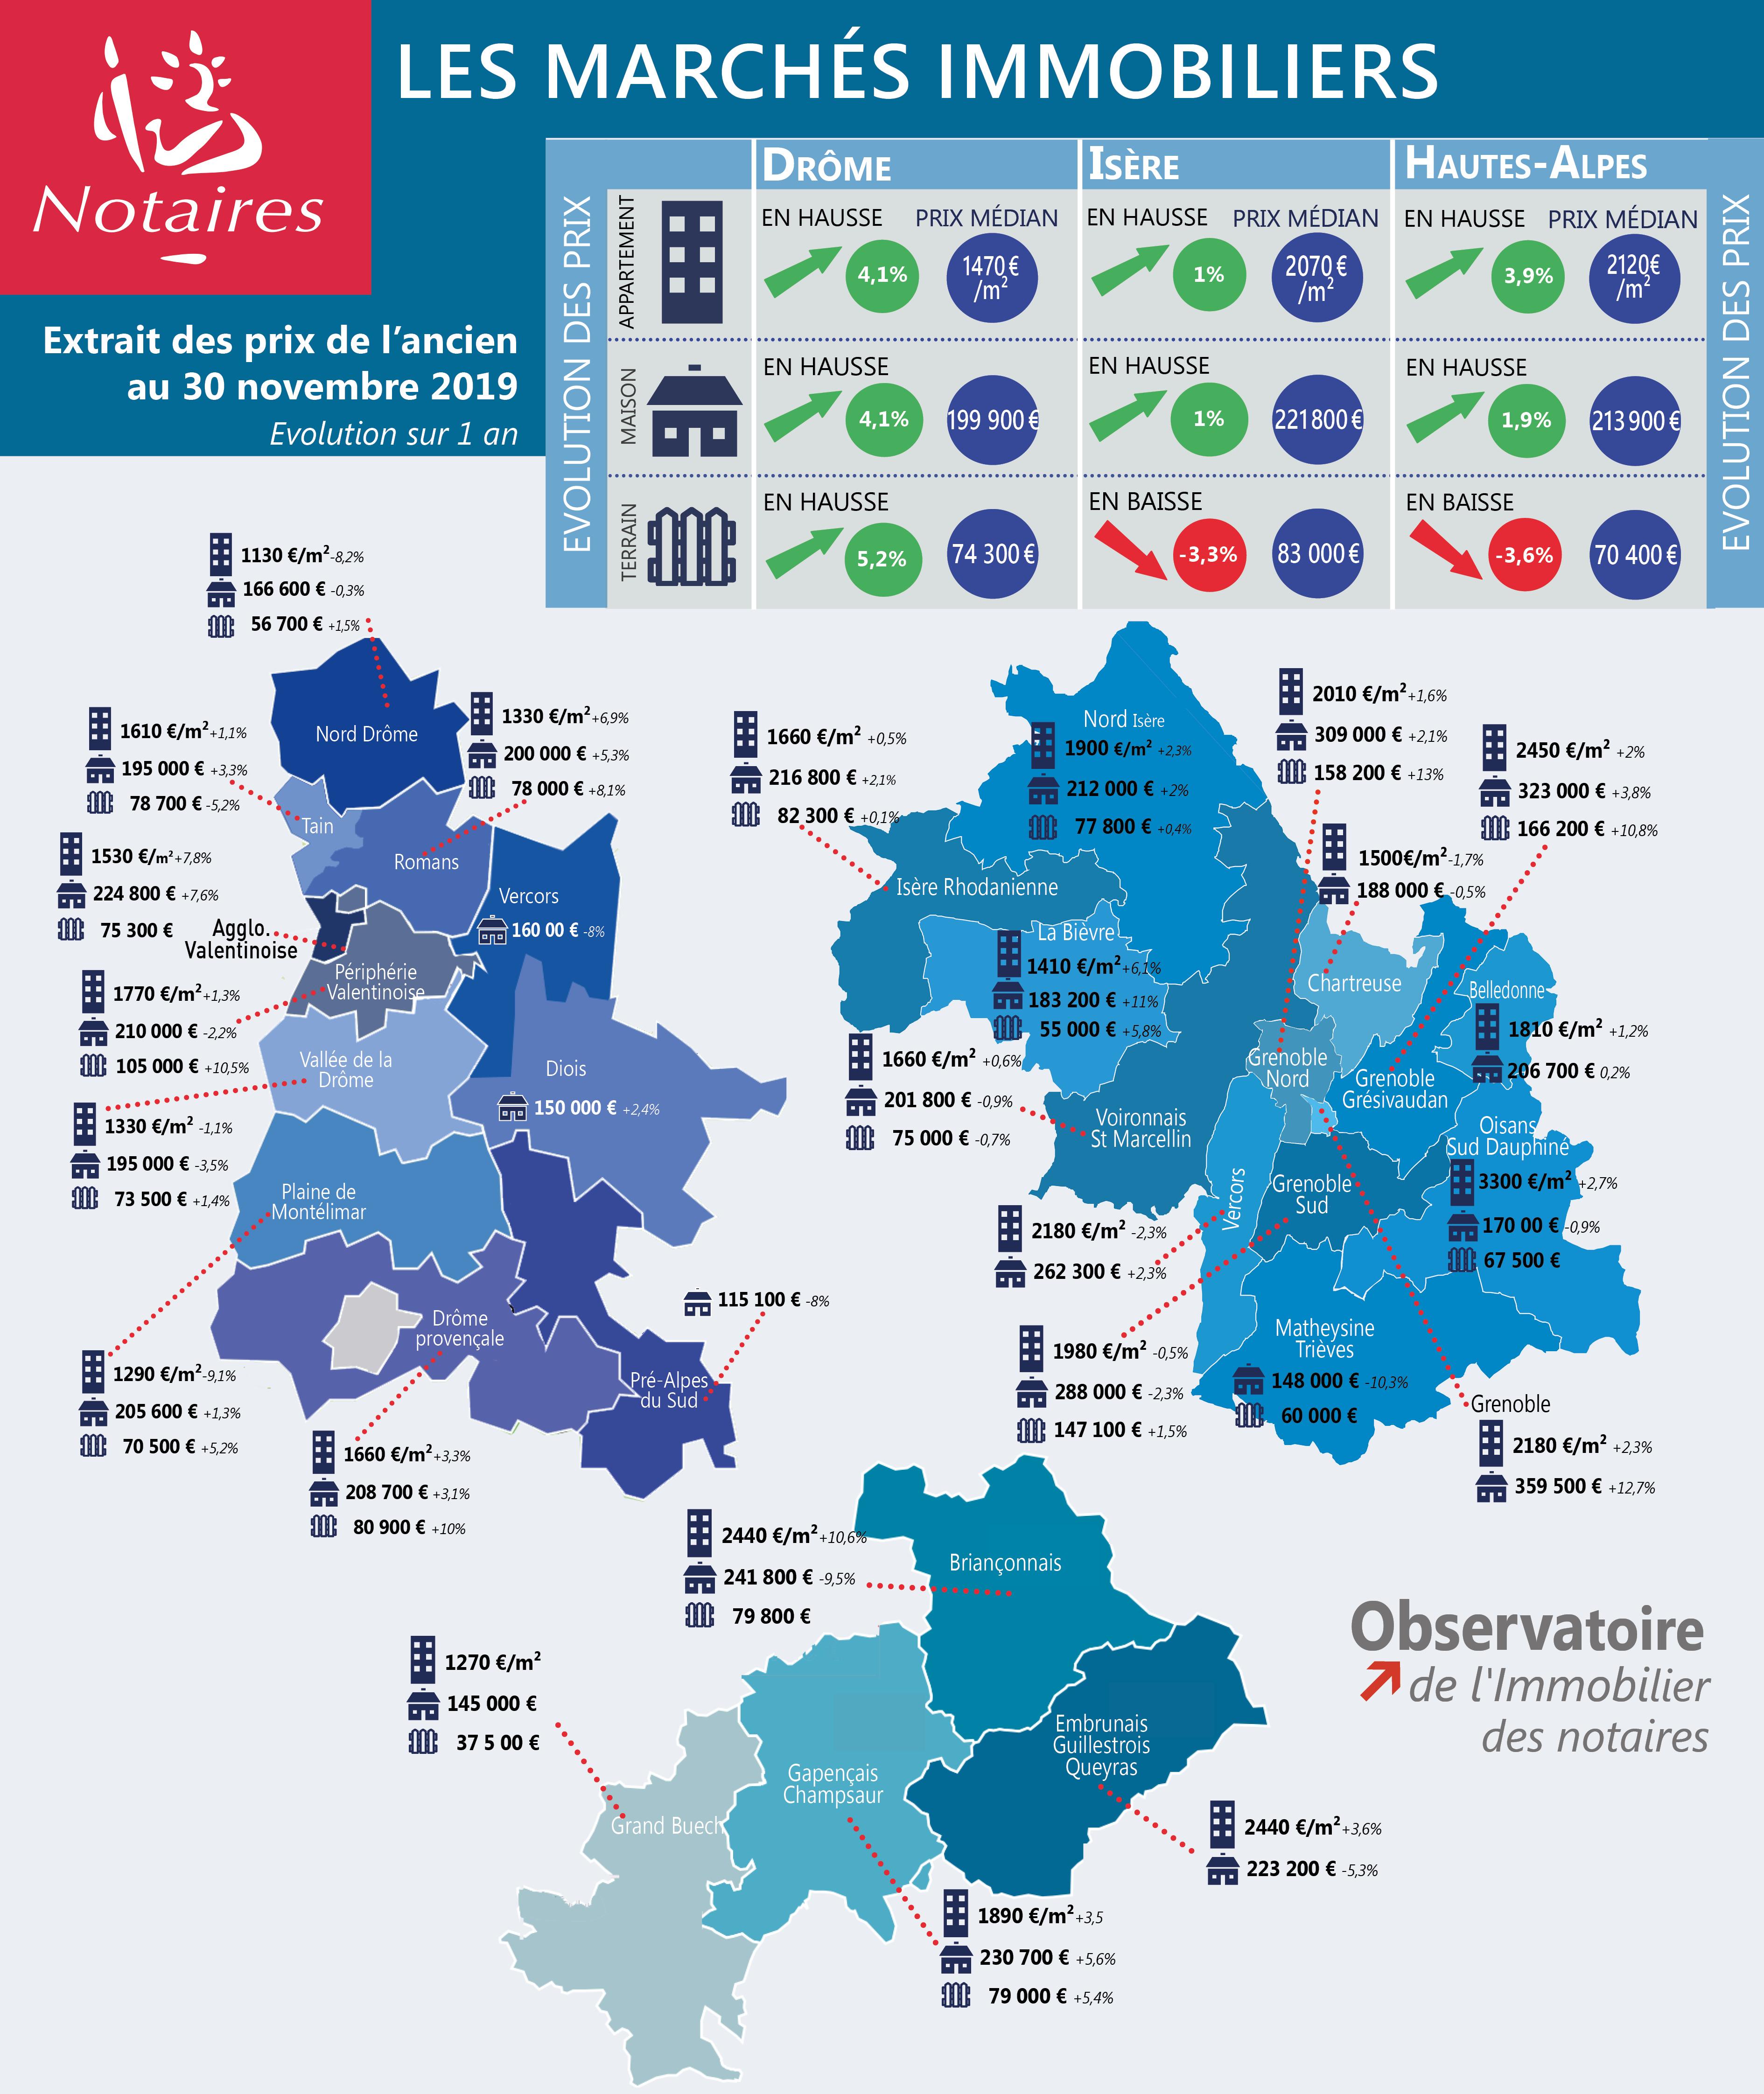 Les prix de l'immobilier dans la Drôme, l'Isère et les Hautes ...